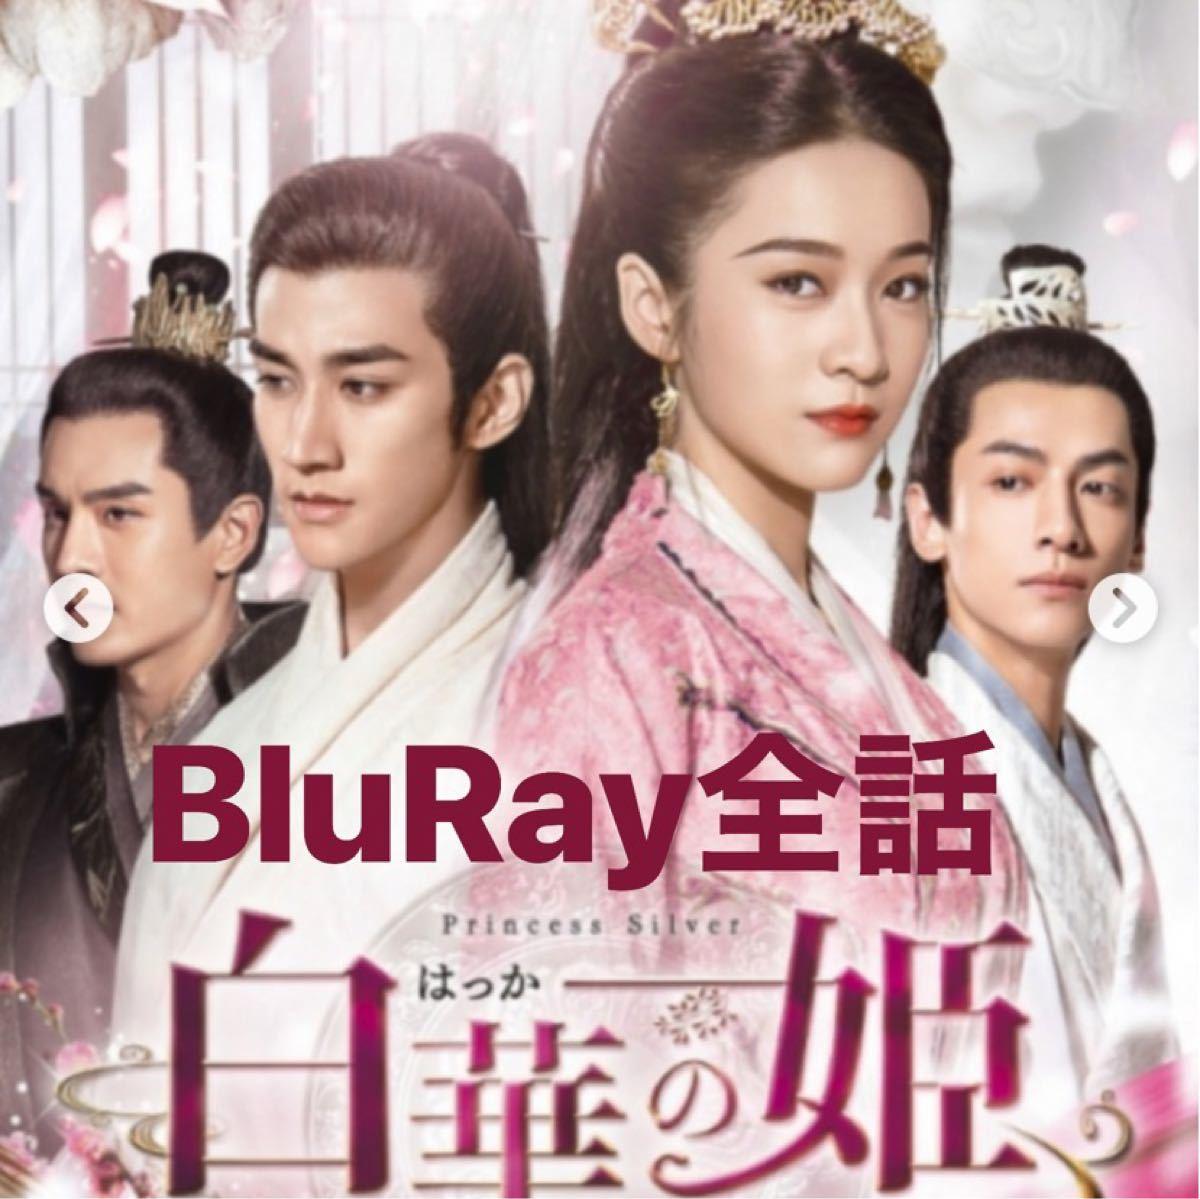 中国ドラマ 白華の姫  BluRay全話 ☆画質良☆